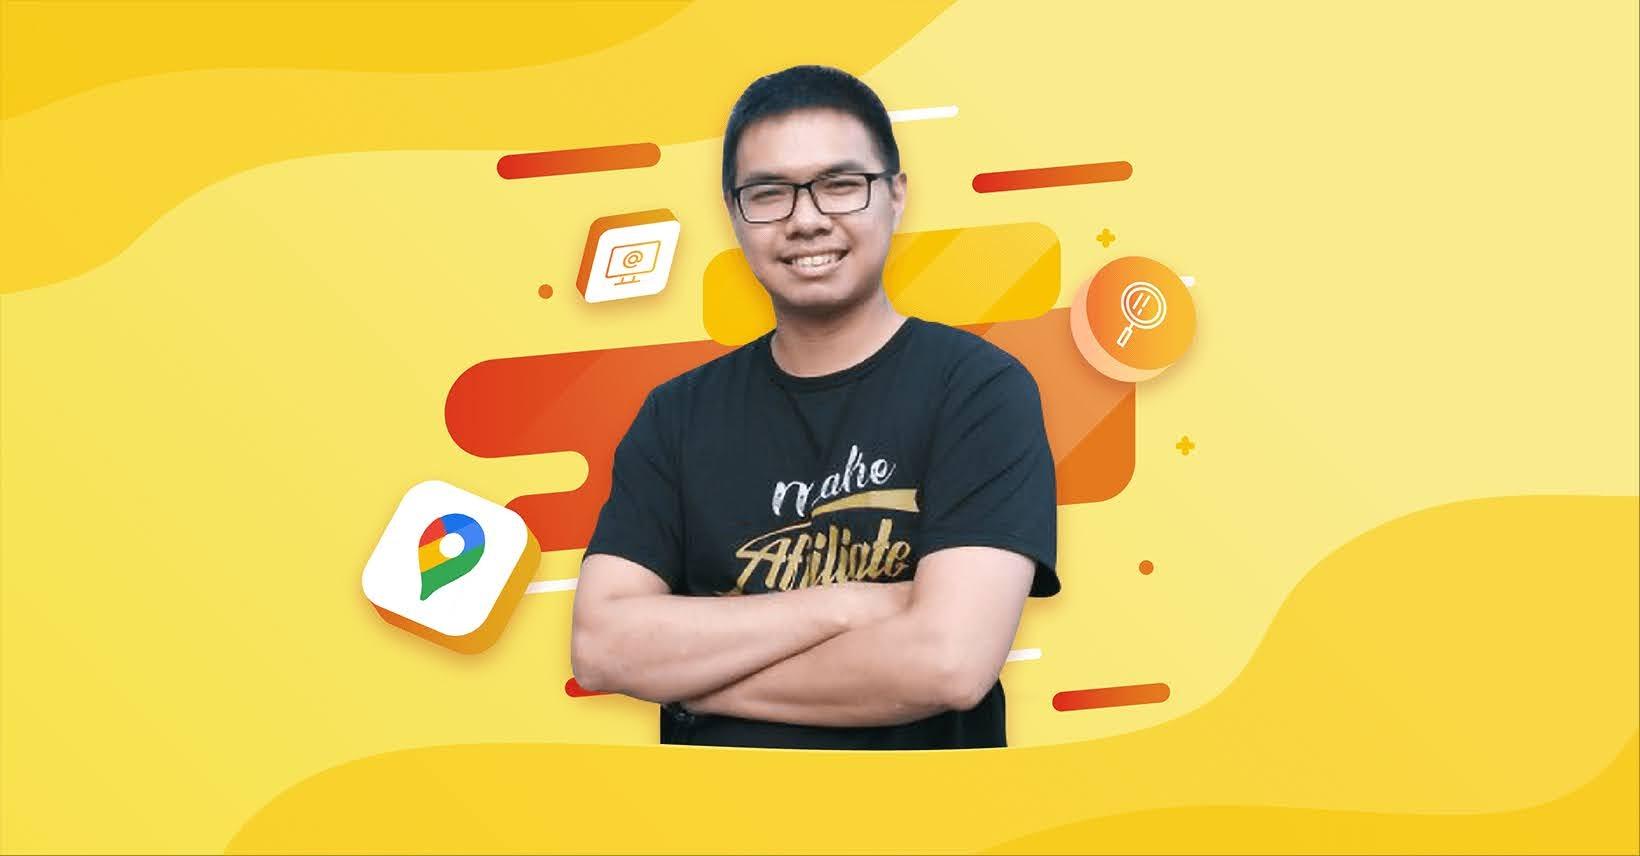 Khóa học hướng dẫn SEO Google Maps 2020 - Tiếp cận trên 1000 khách hàng vào shop mỗi tháng với chi phí 0 đồng. Gia tăng doanh số từ 30-50 triệu